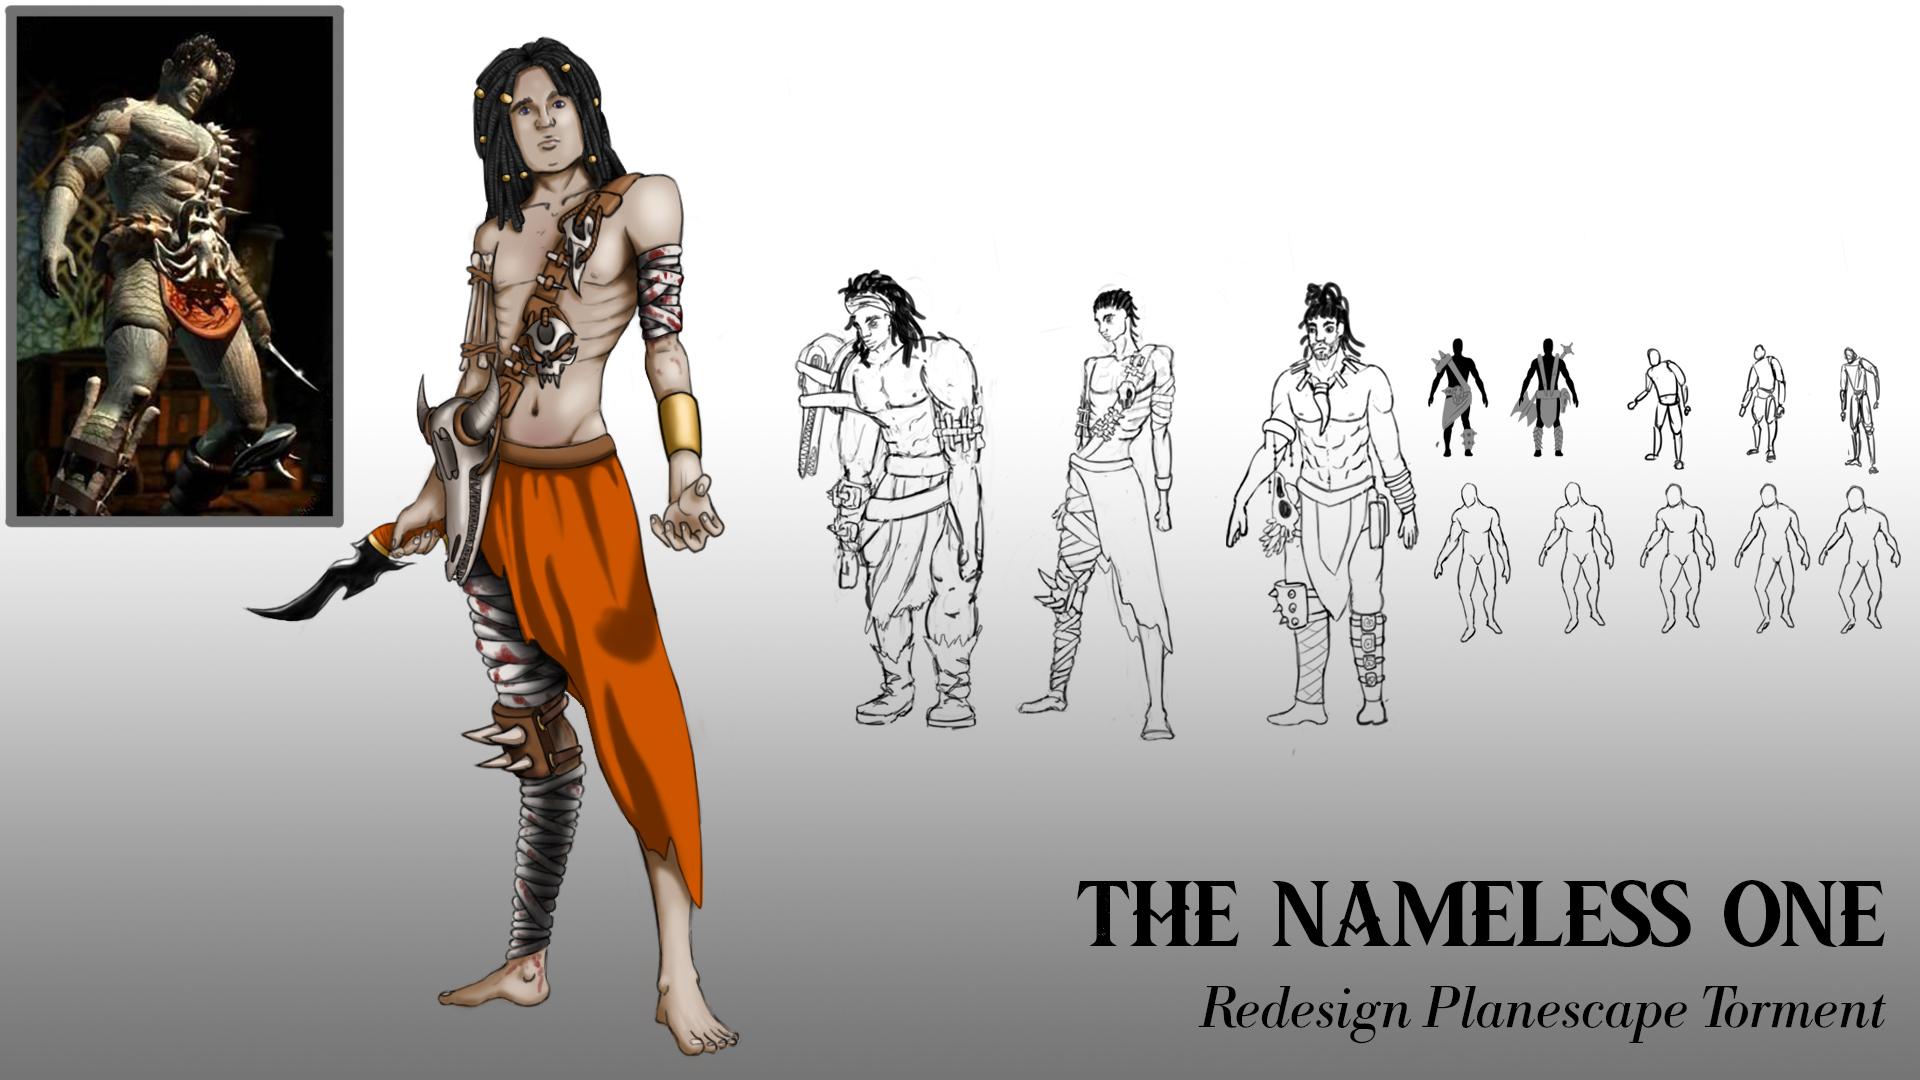 {$tags} Concept study personaggio, Nameless One - by Ruggero Ciliento Planescape Torment Redesign Project (2020) © Scuola Internazionale di Comics Torino e dell'autore, tutti i diritti riservati